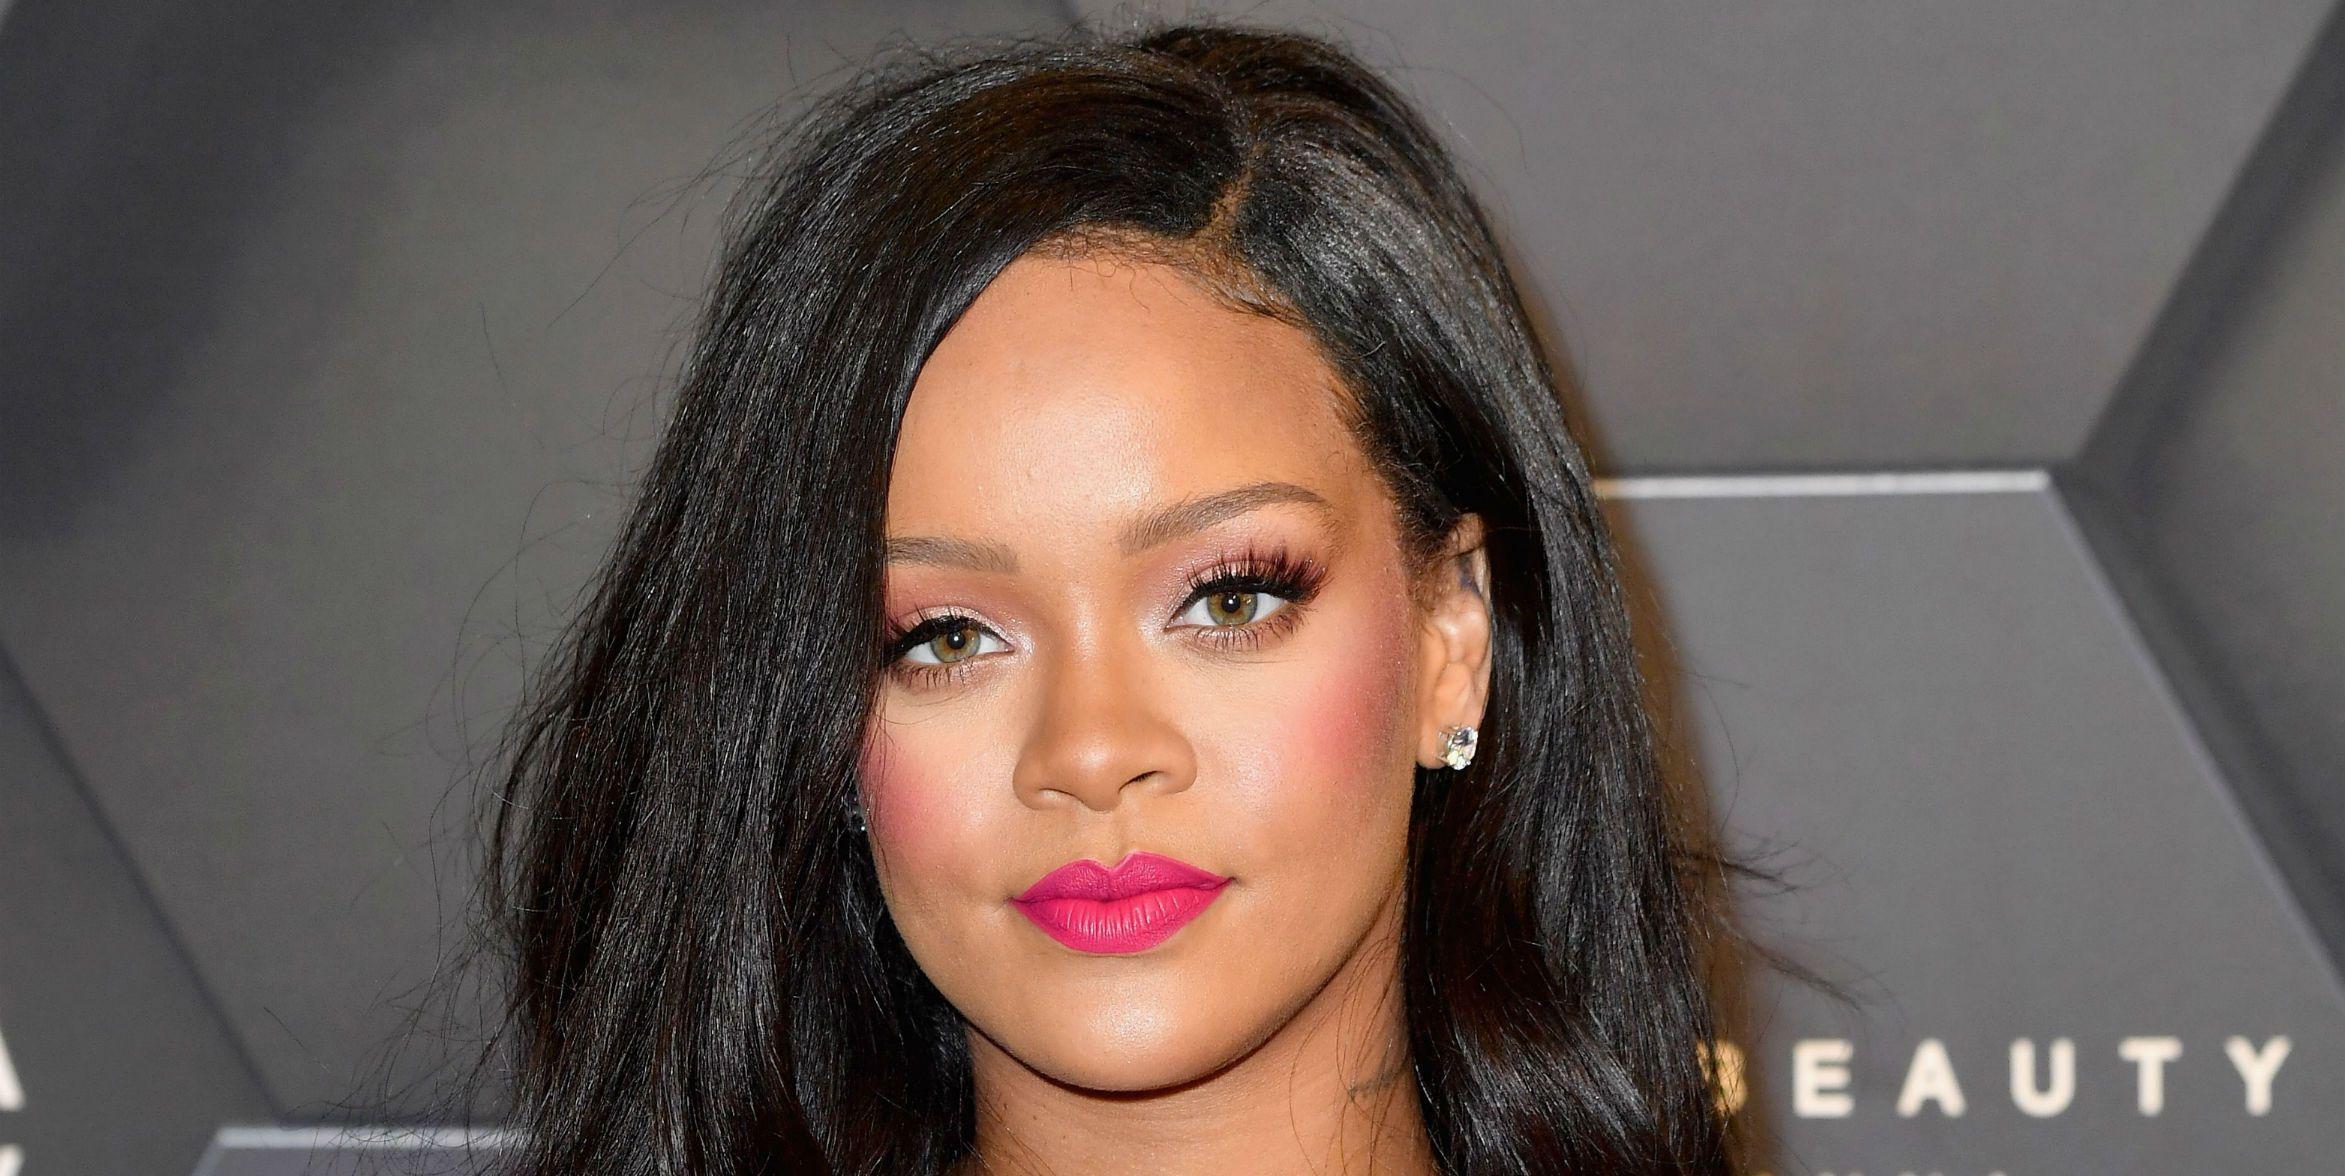 Rihanna in September 2018